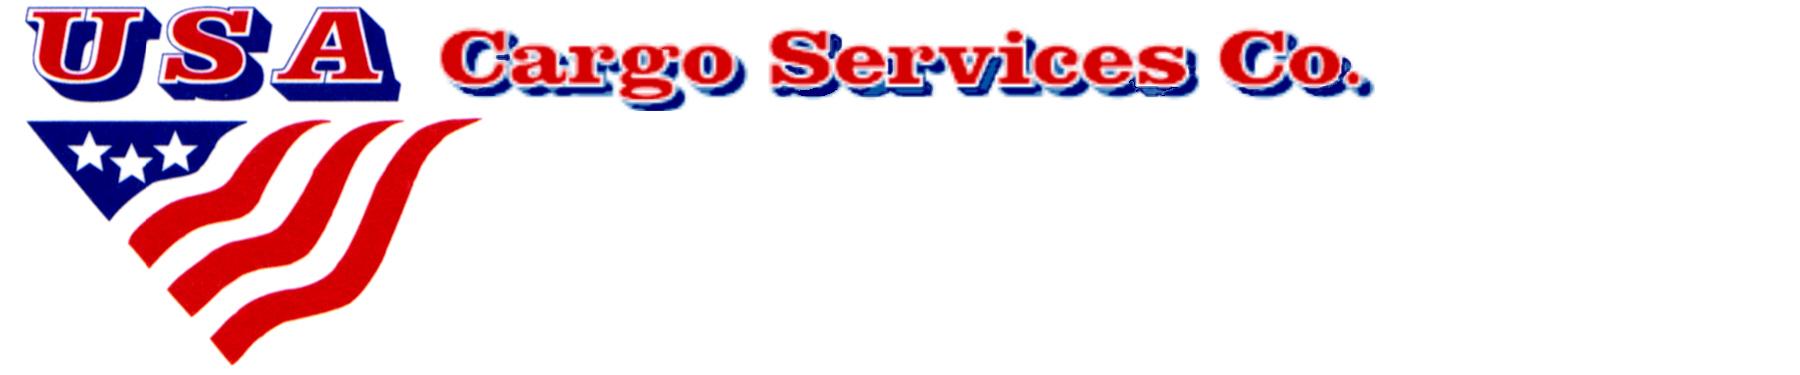 USA Cargo Services